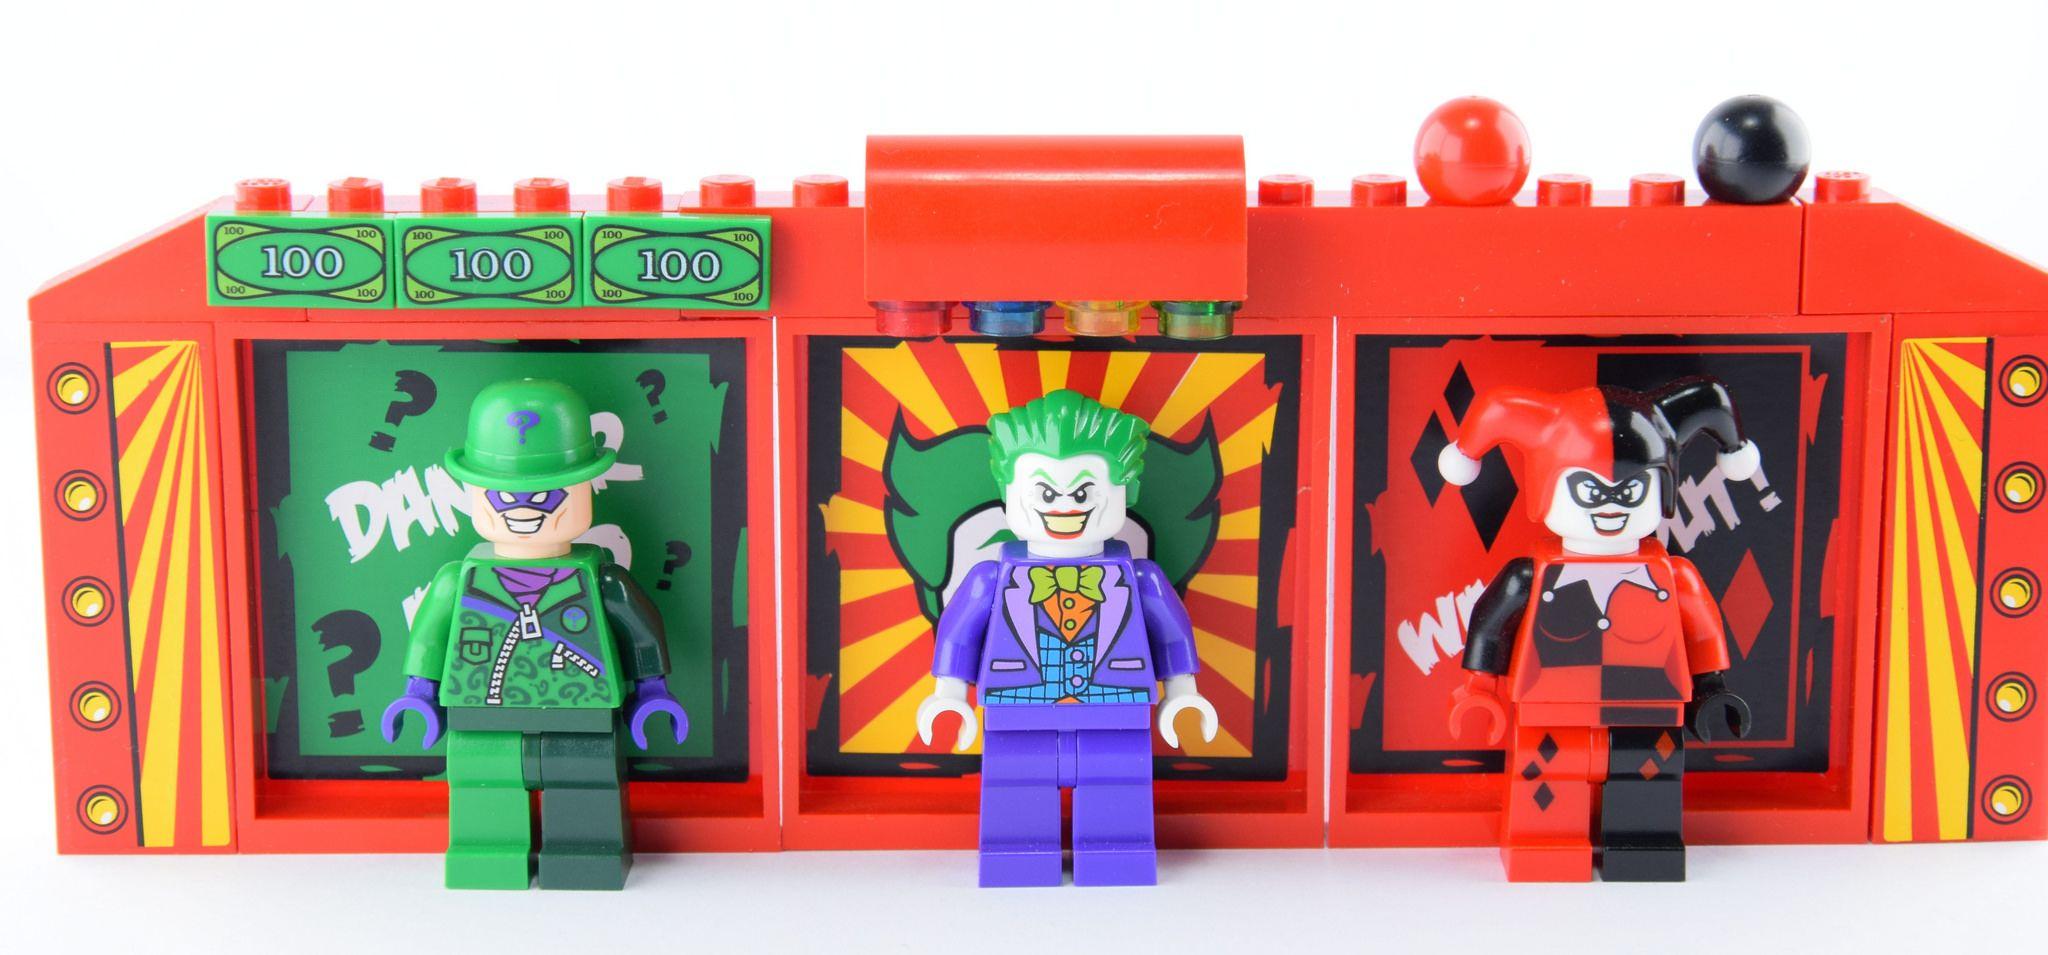 Super Villains Super villains, Lego pictures, Villain